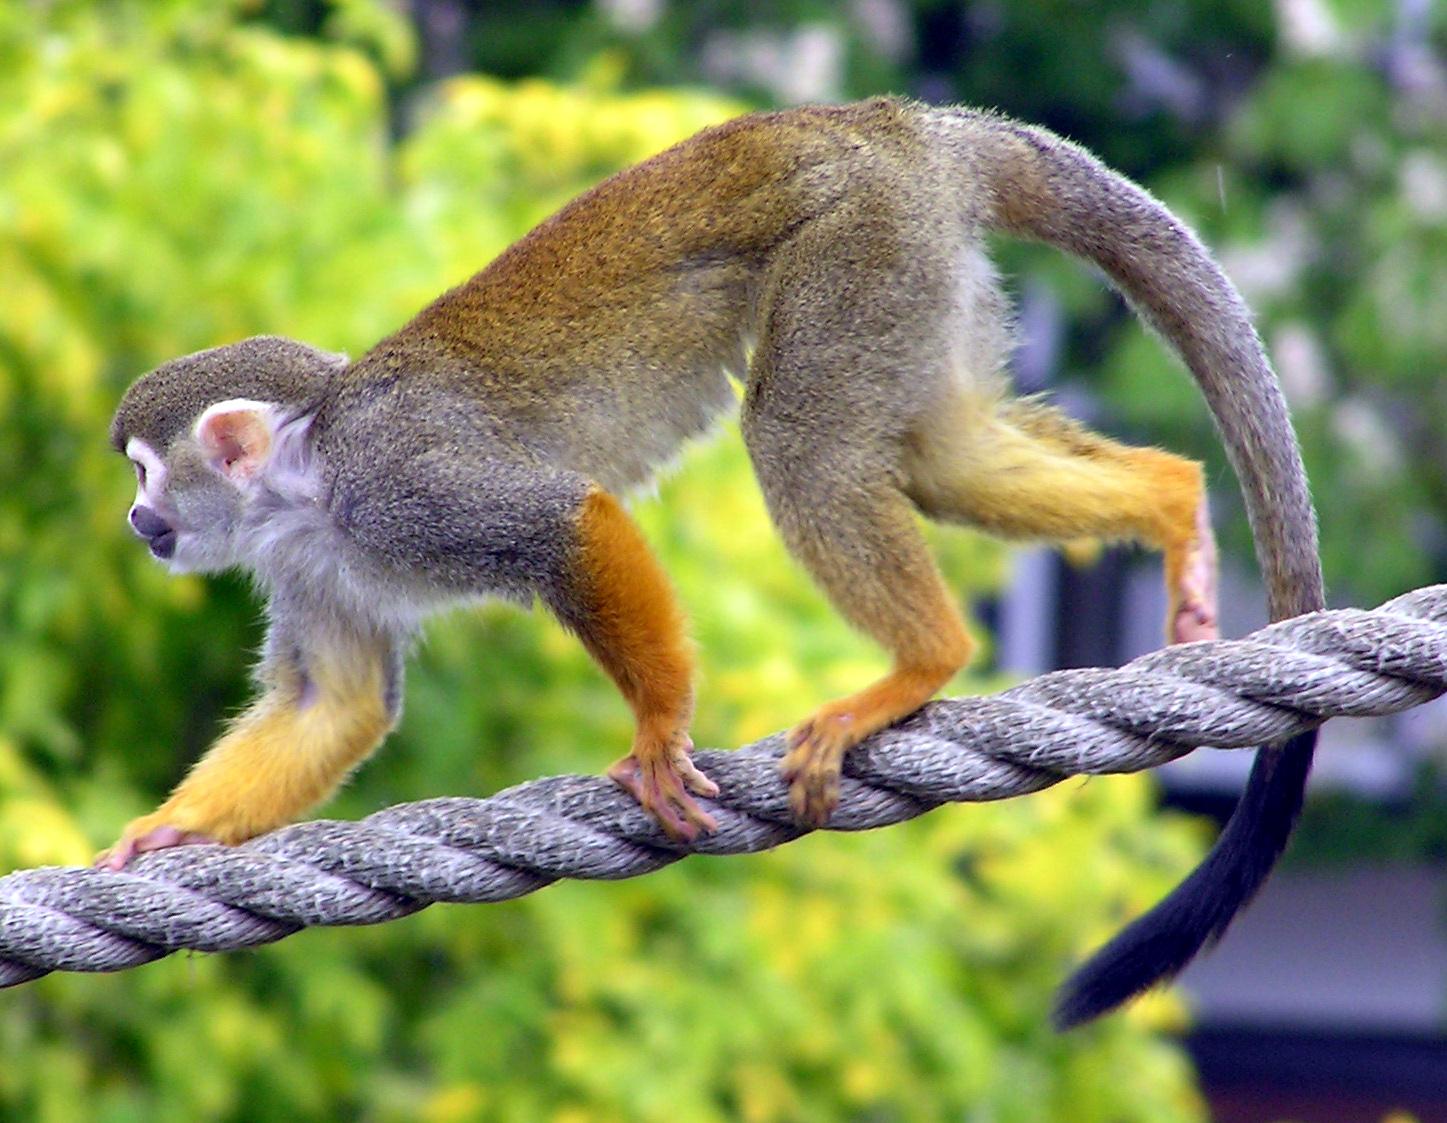 Squirrel monkey pet attack